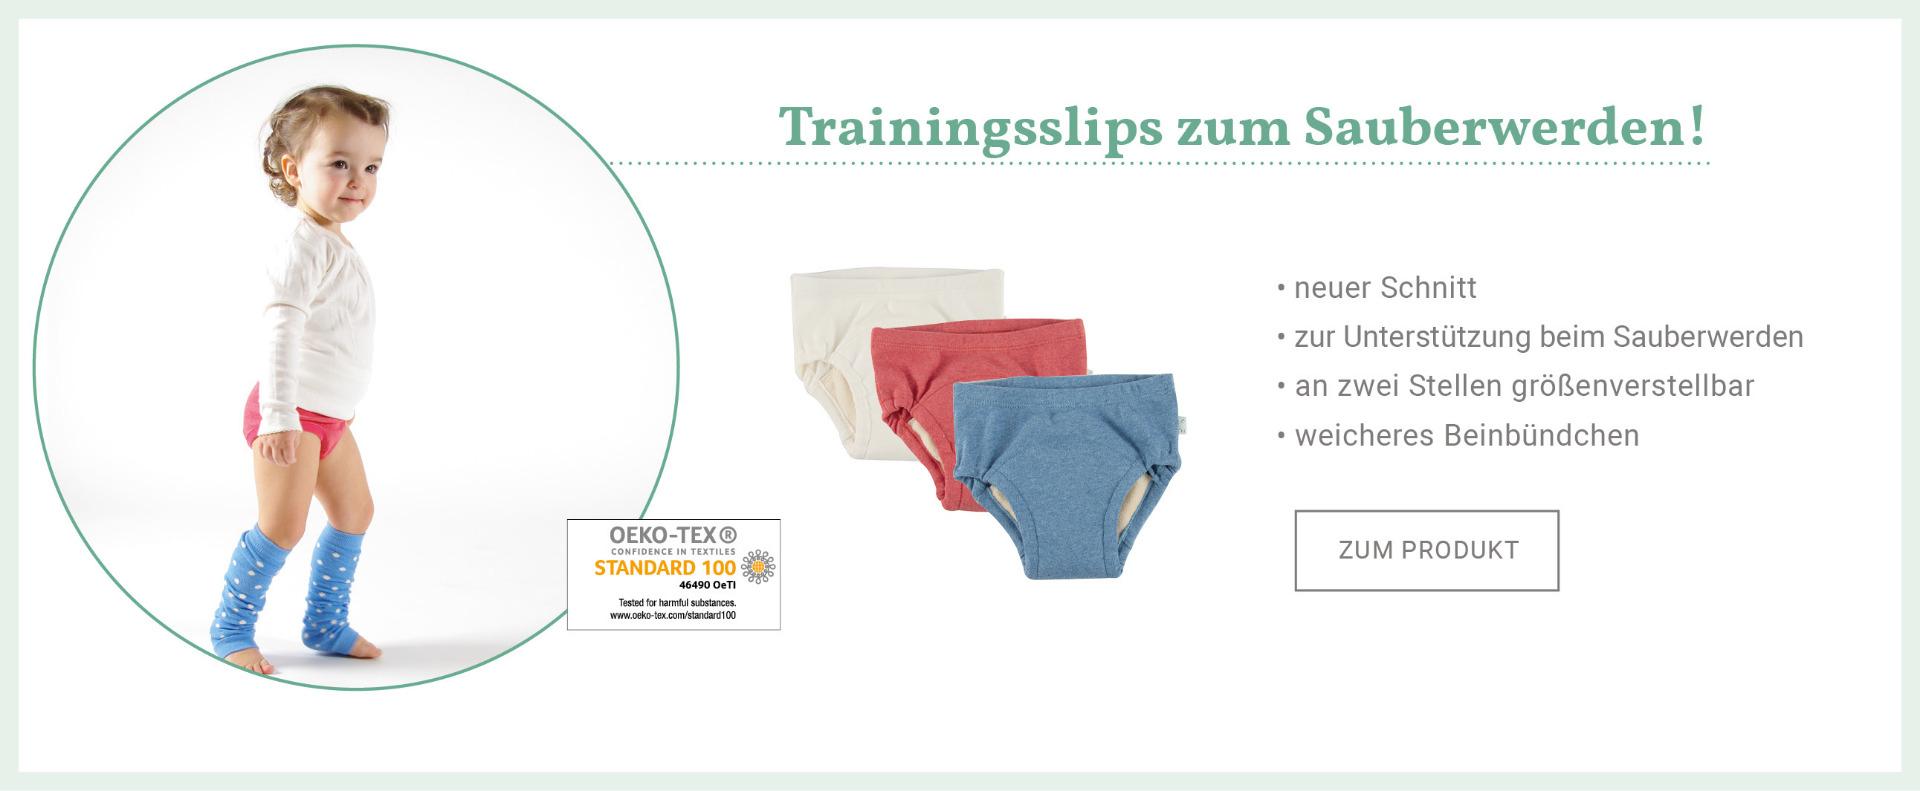 iobio trainingsslip